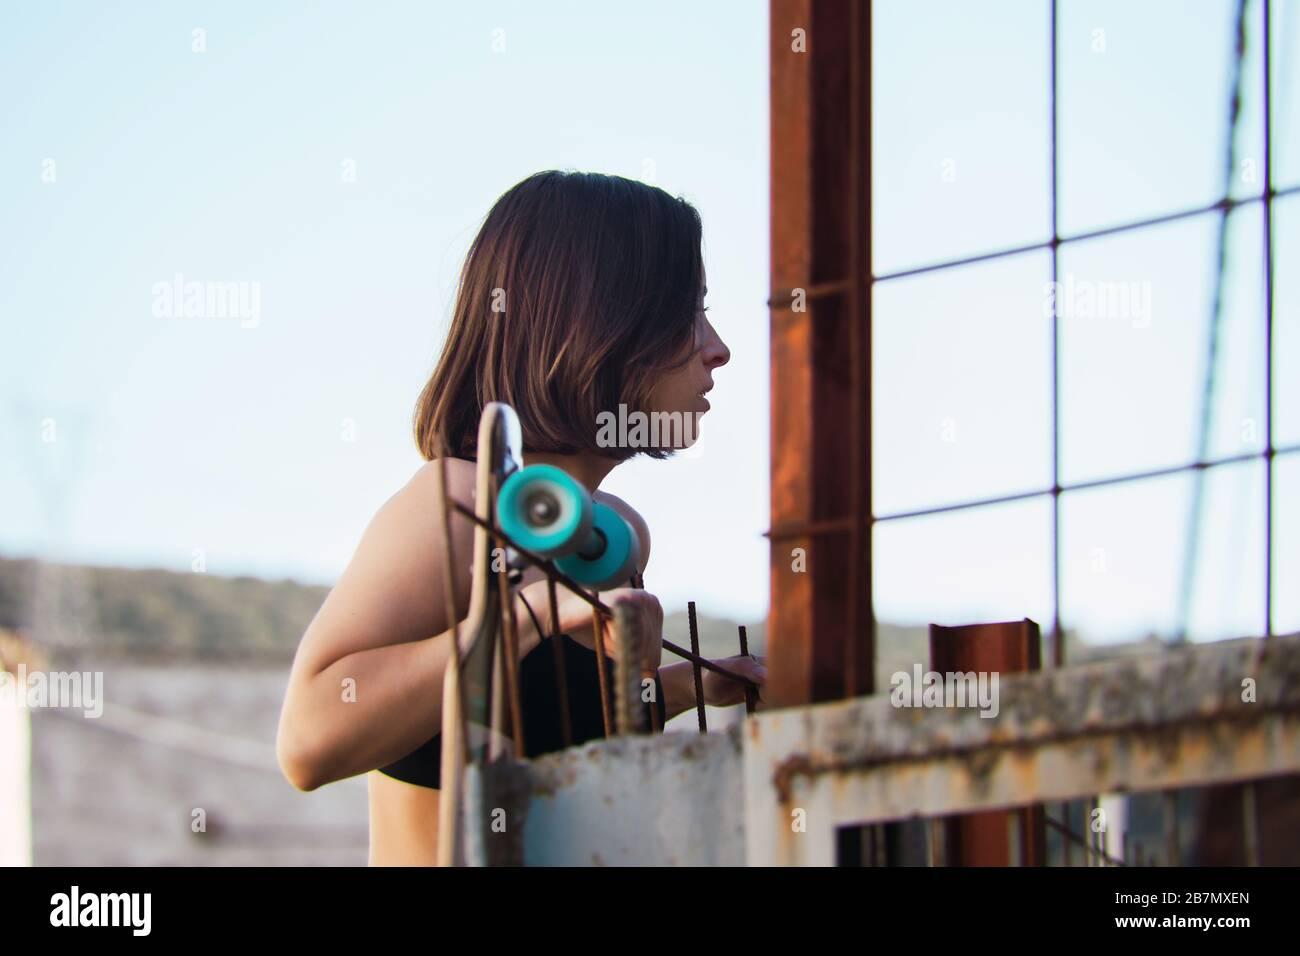 Junge Frau Skater, der versucht, über den Zaun Blick nach innen in einem alten industriellen Straße zu klettern Stockfoto